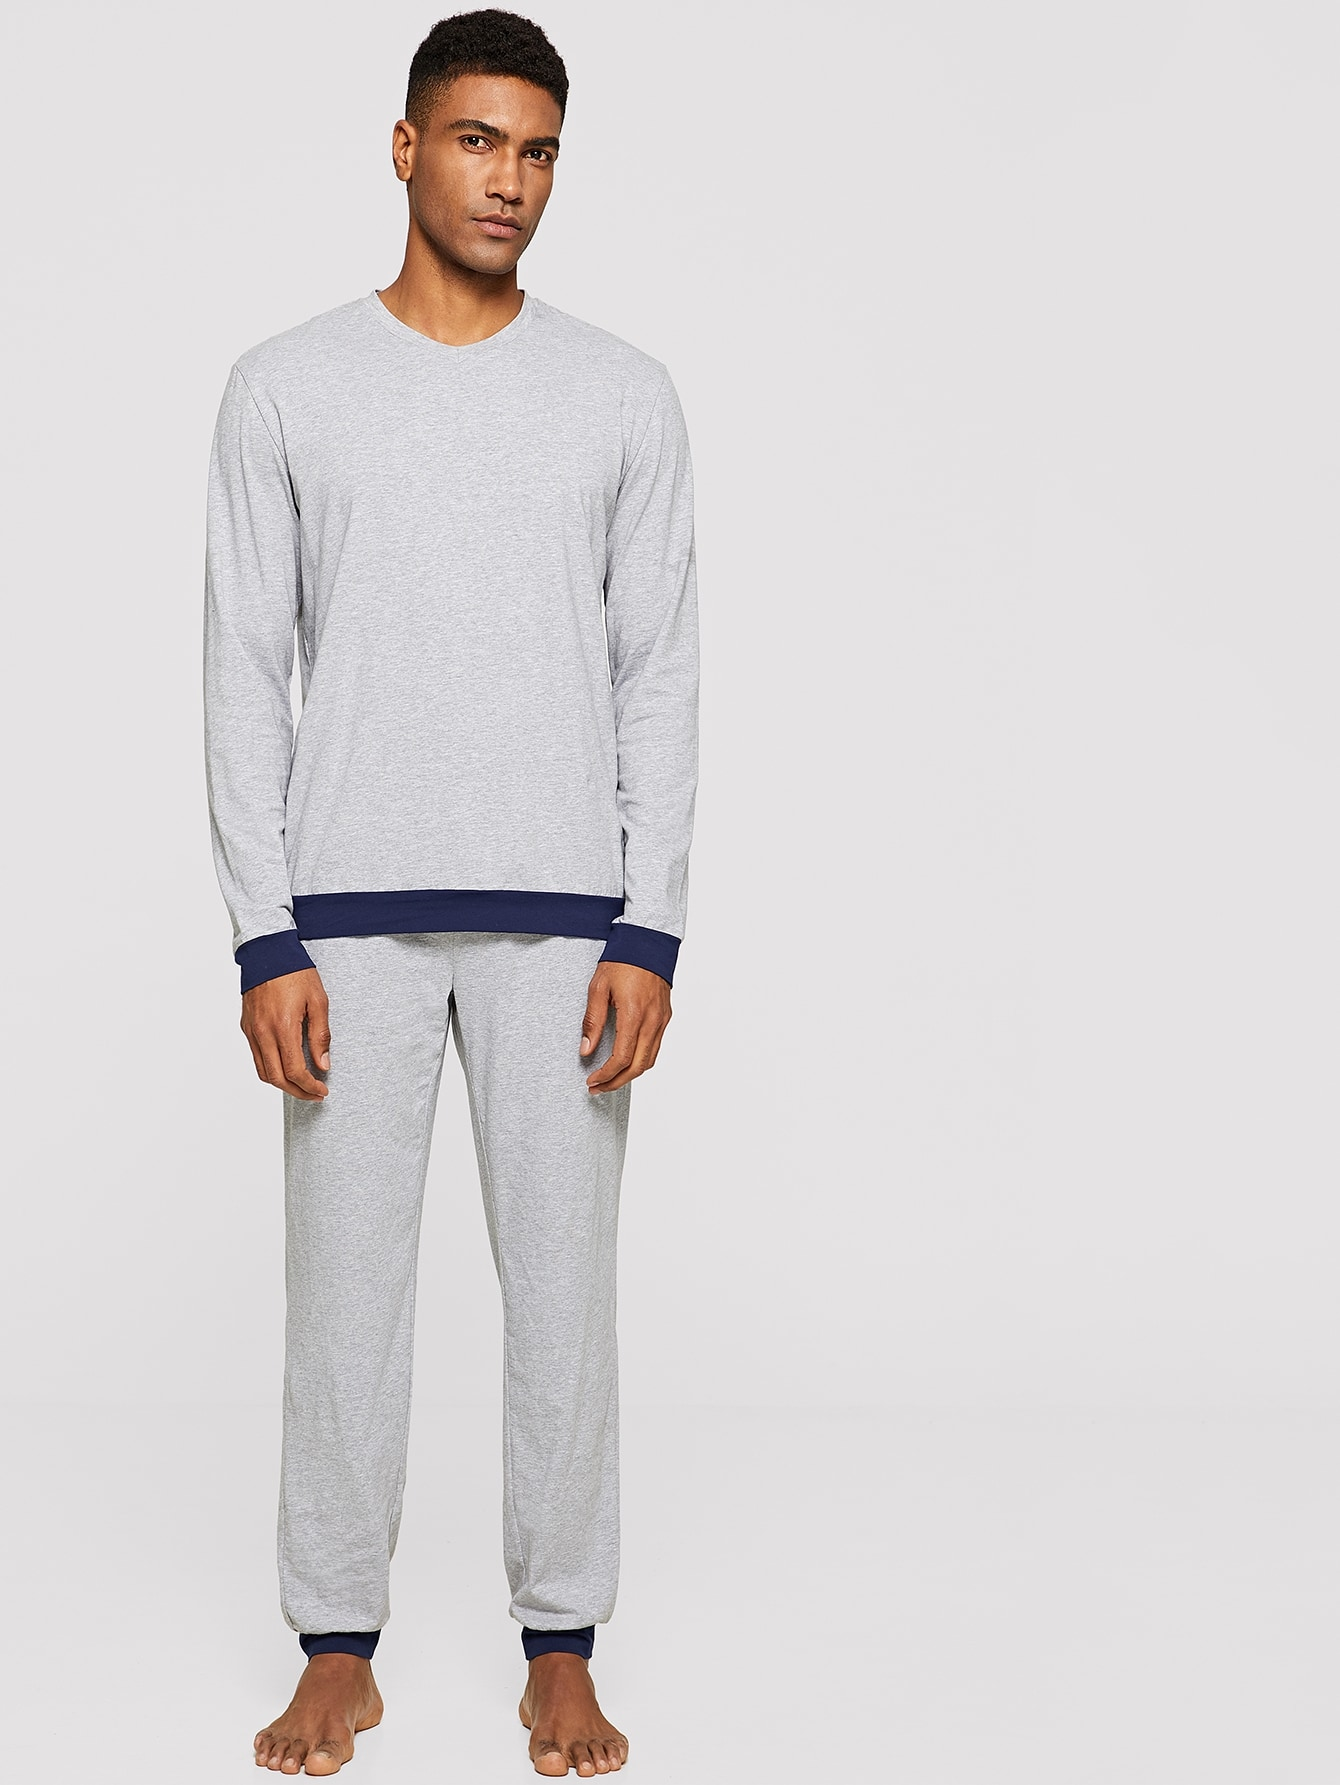 Купить Мужской вязаный пуловер с контрастной отделкой и брюки PJ, Johnn Silva, SheIn